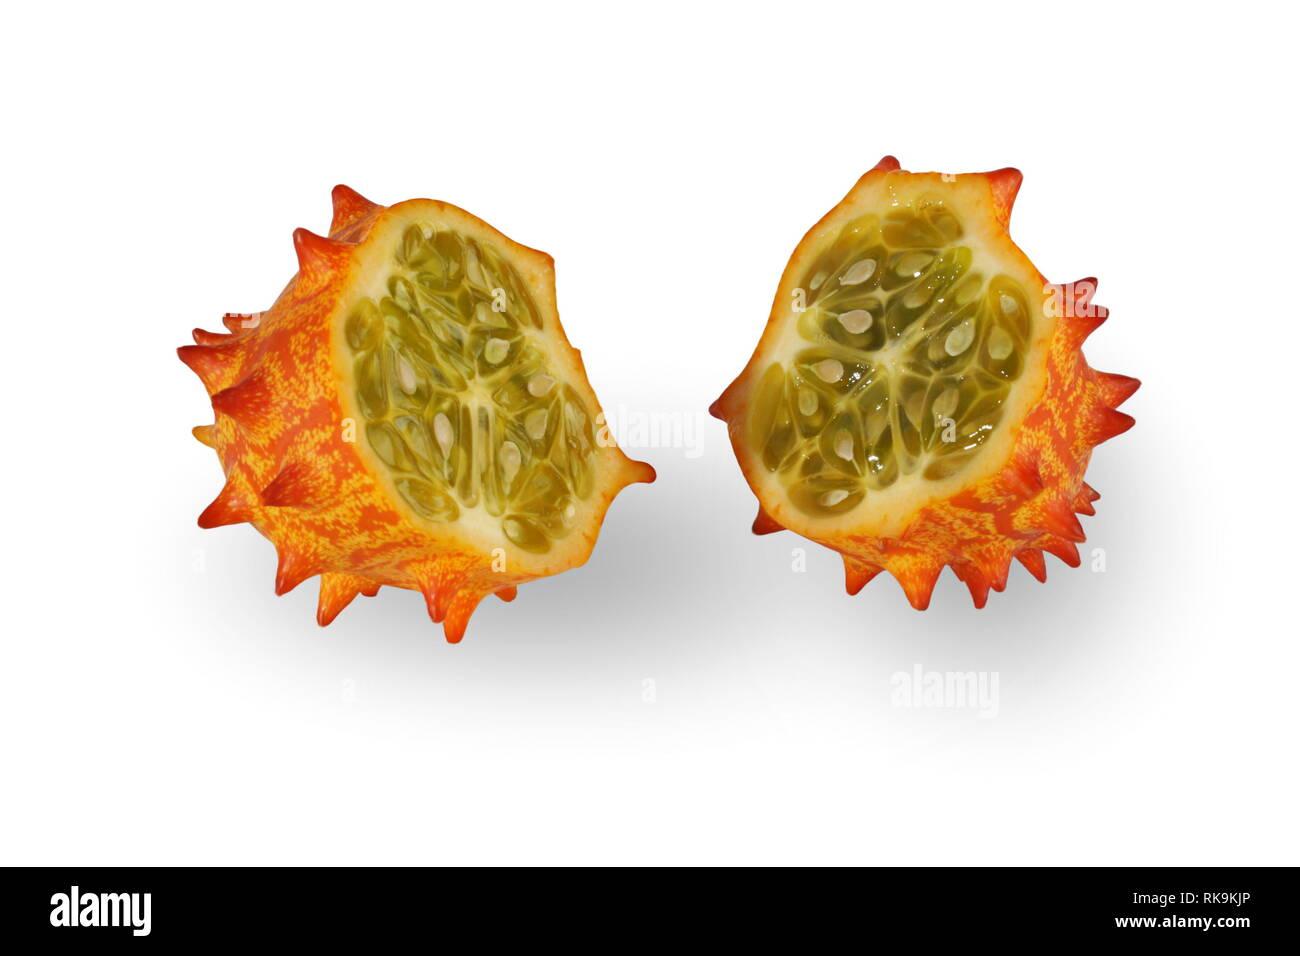 Melano, Kiwano, or Horned Melon Fruit on White Background - Stock Image